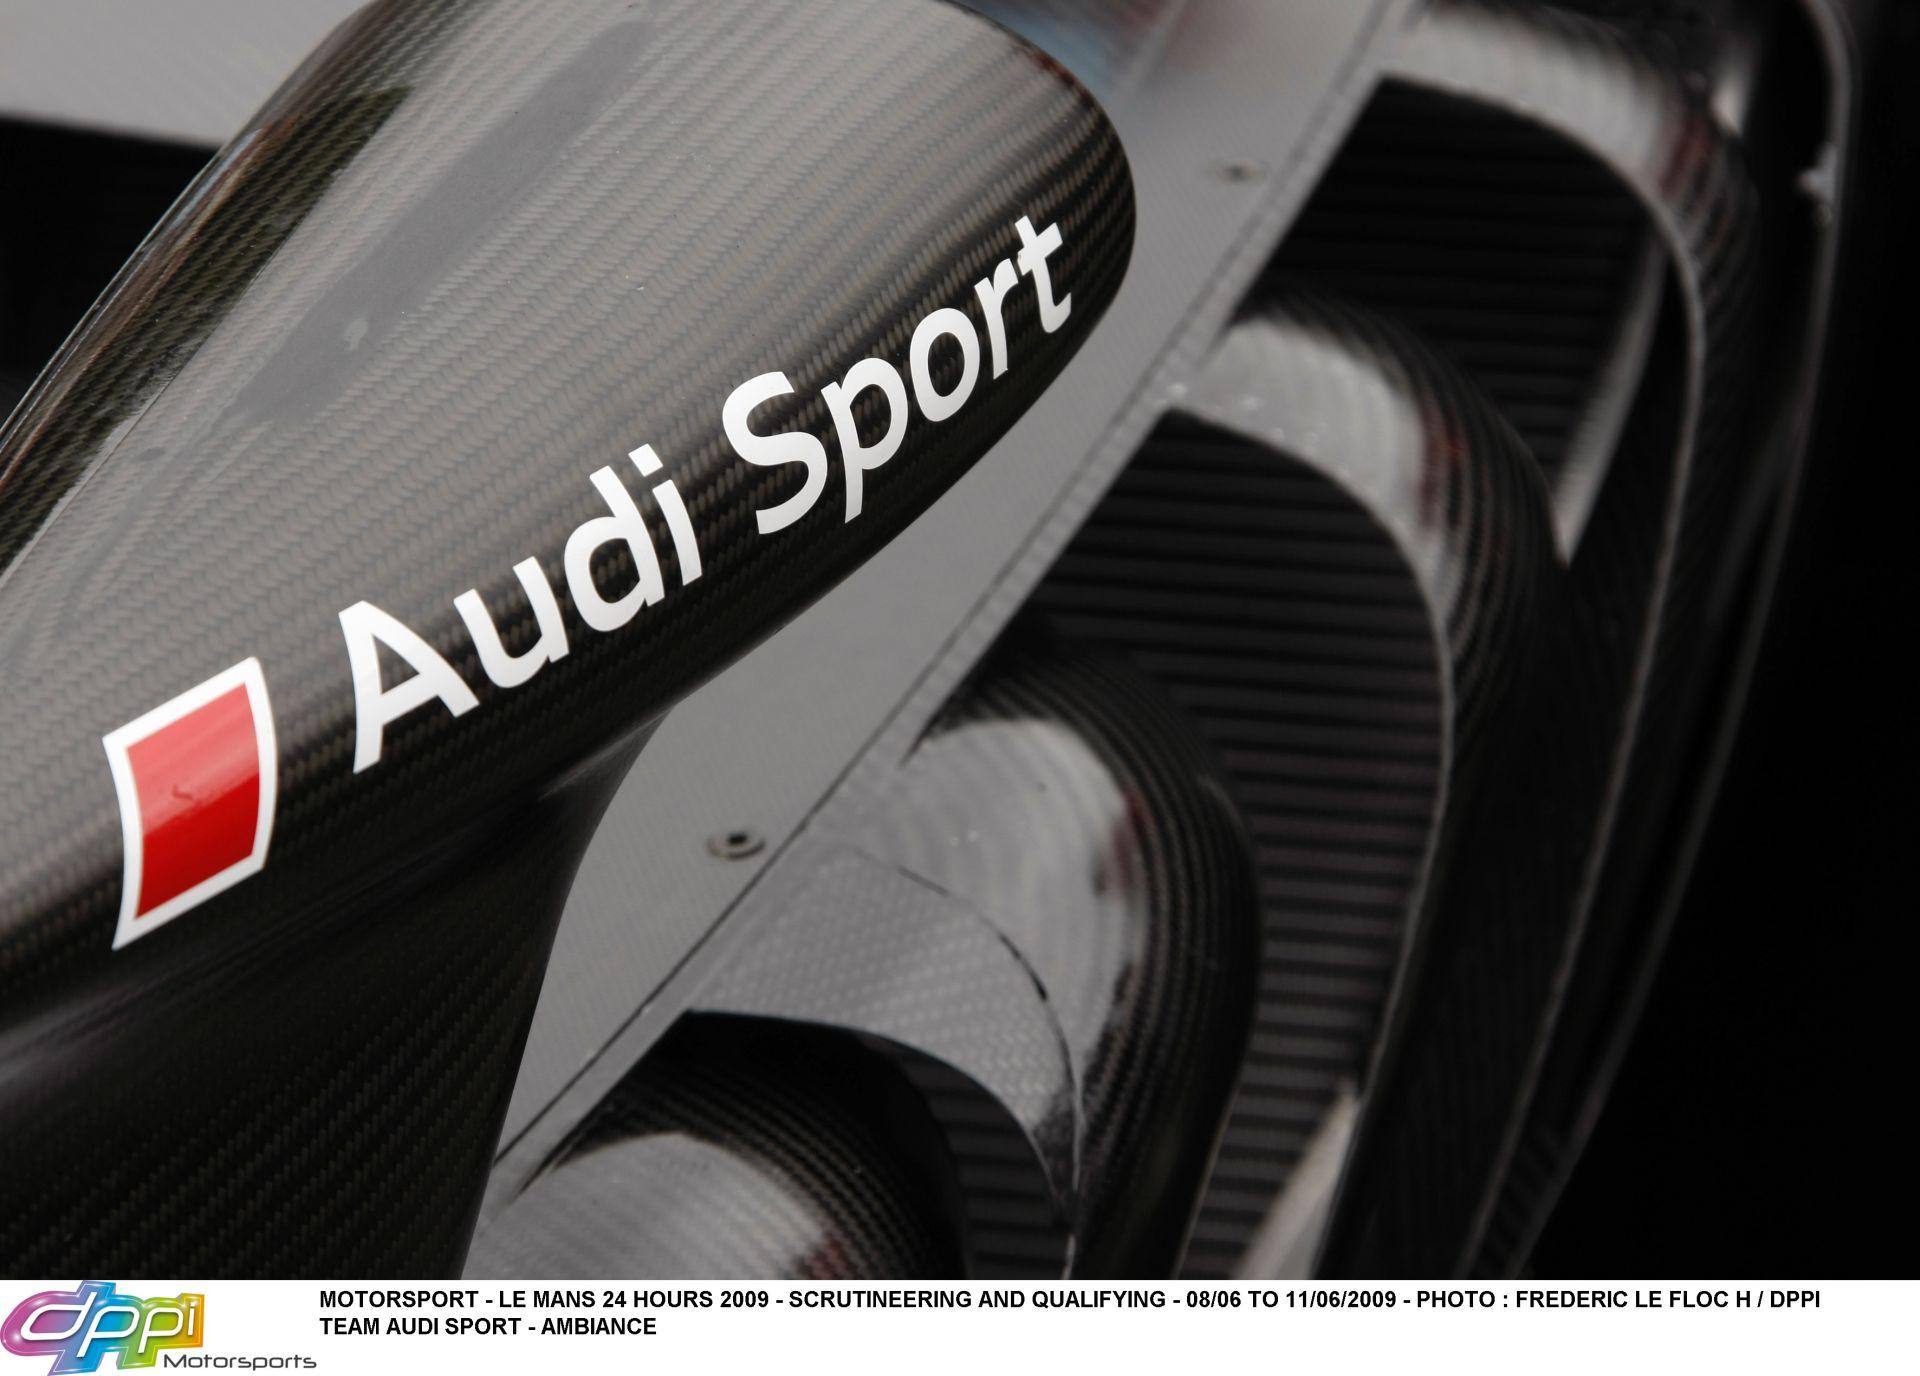 Bernie Ecclestone figyelmeztet: az Audi nem mutatkozhat be csak úgy hipp-hopp a Forma-1-ben